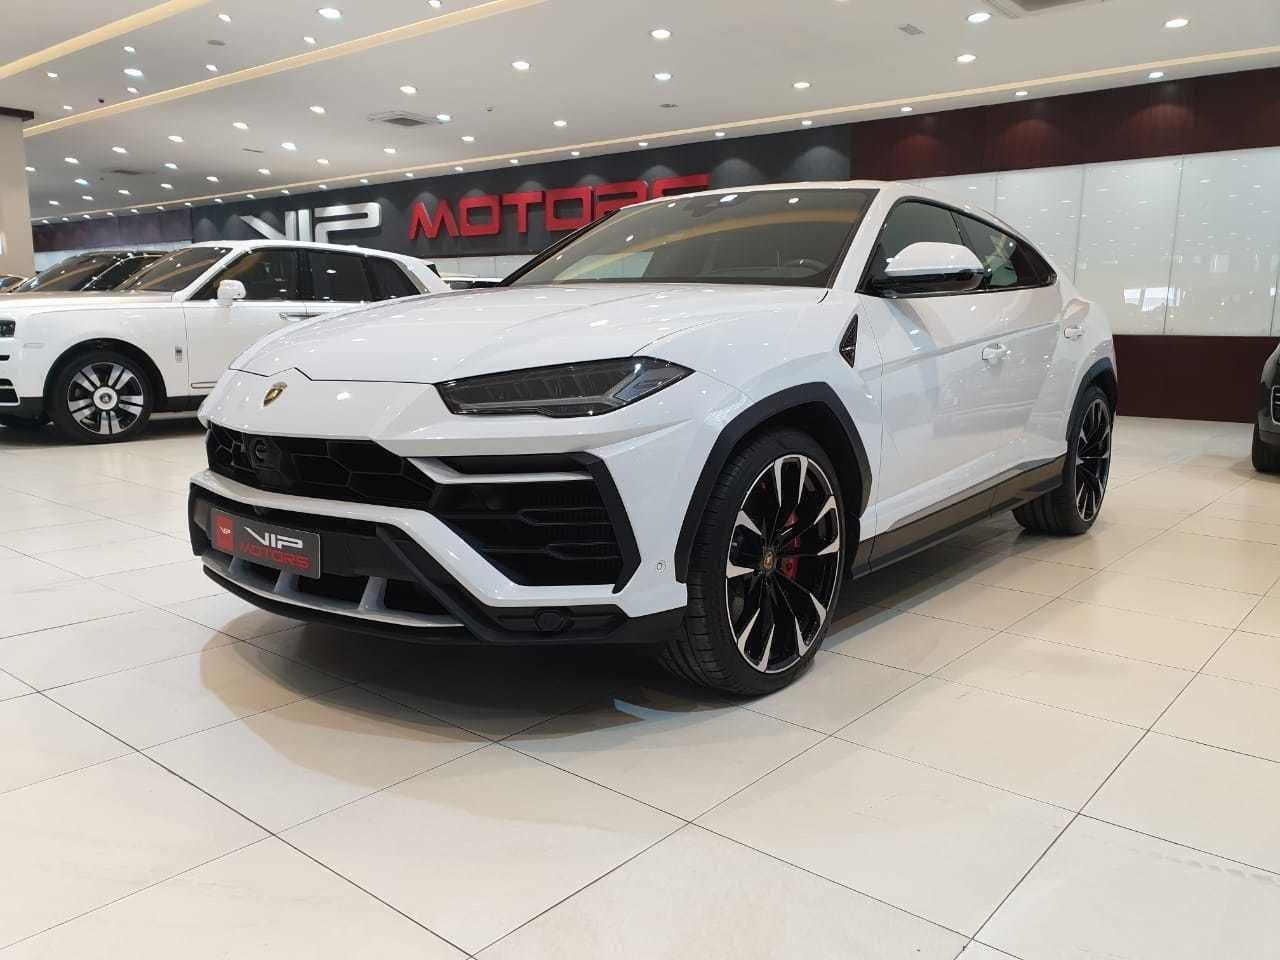 2020 Lamborghini Urus Pricing